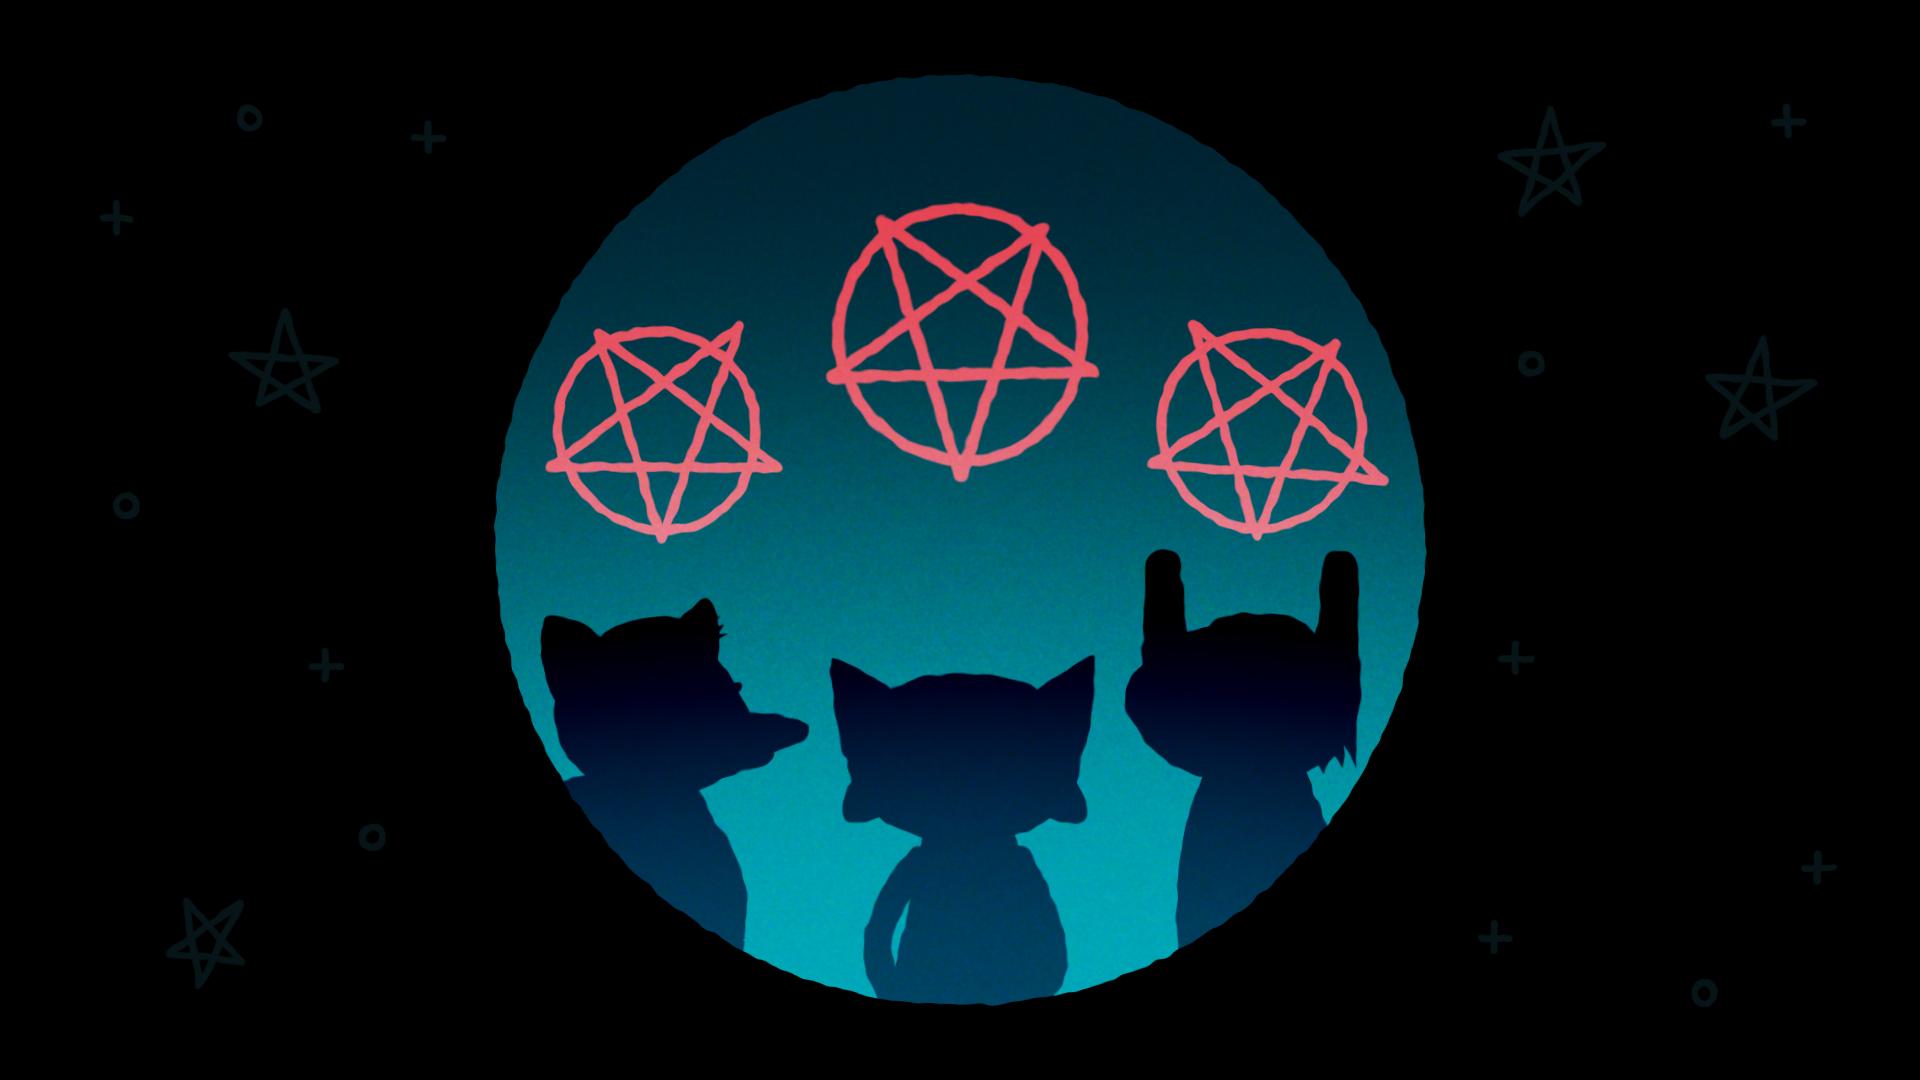 Icon for Thryy Wyrd Tyyns